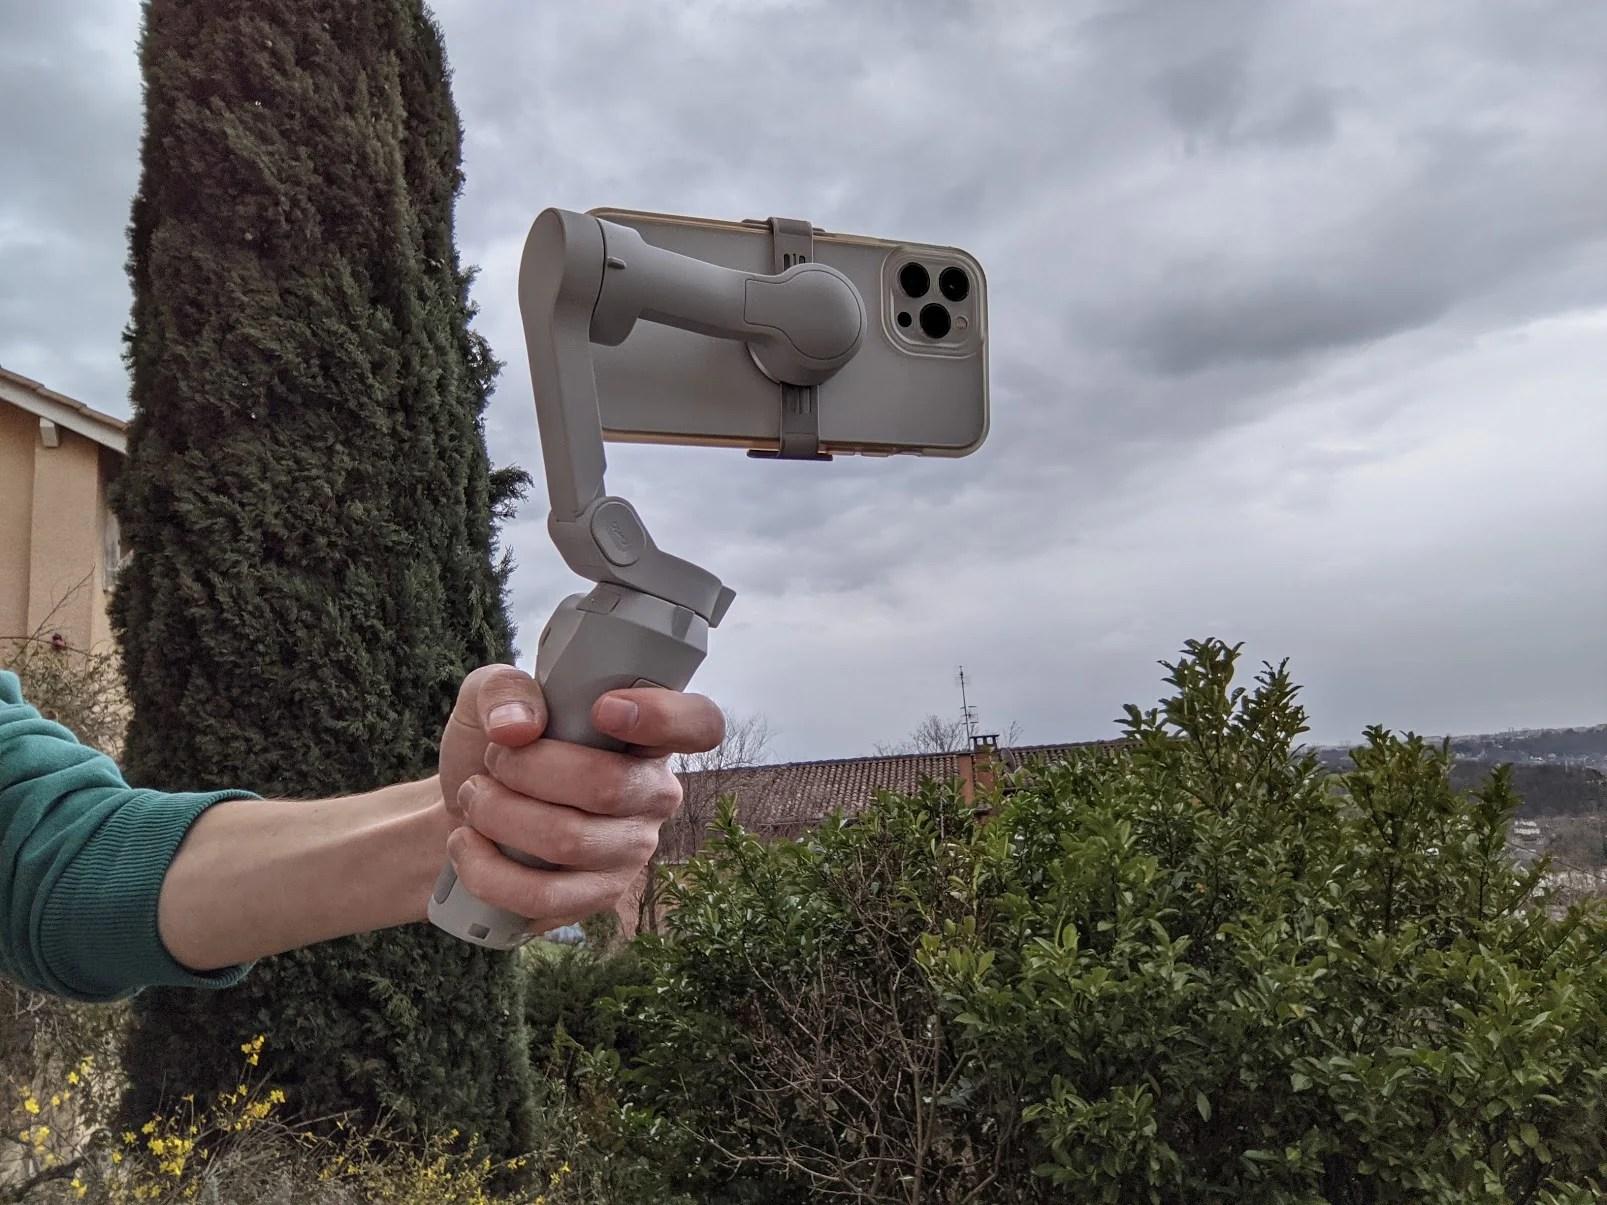 Test du DJI OM 4 : le stabilisateur pour smartphone qui veut se faire oublier